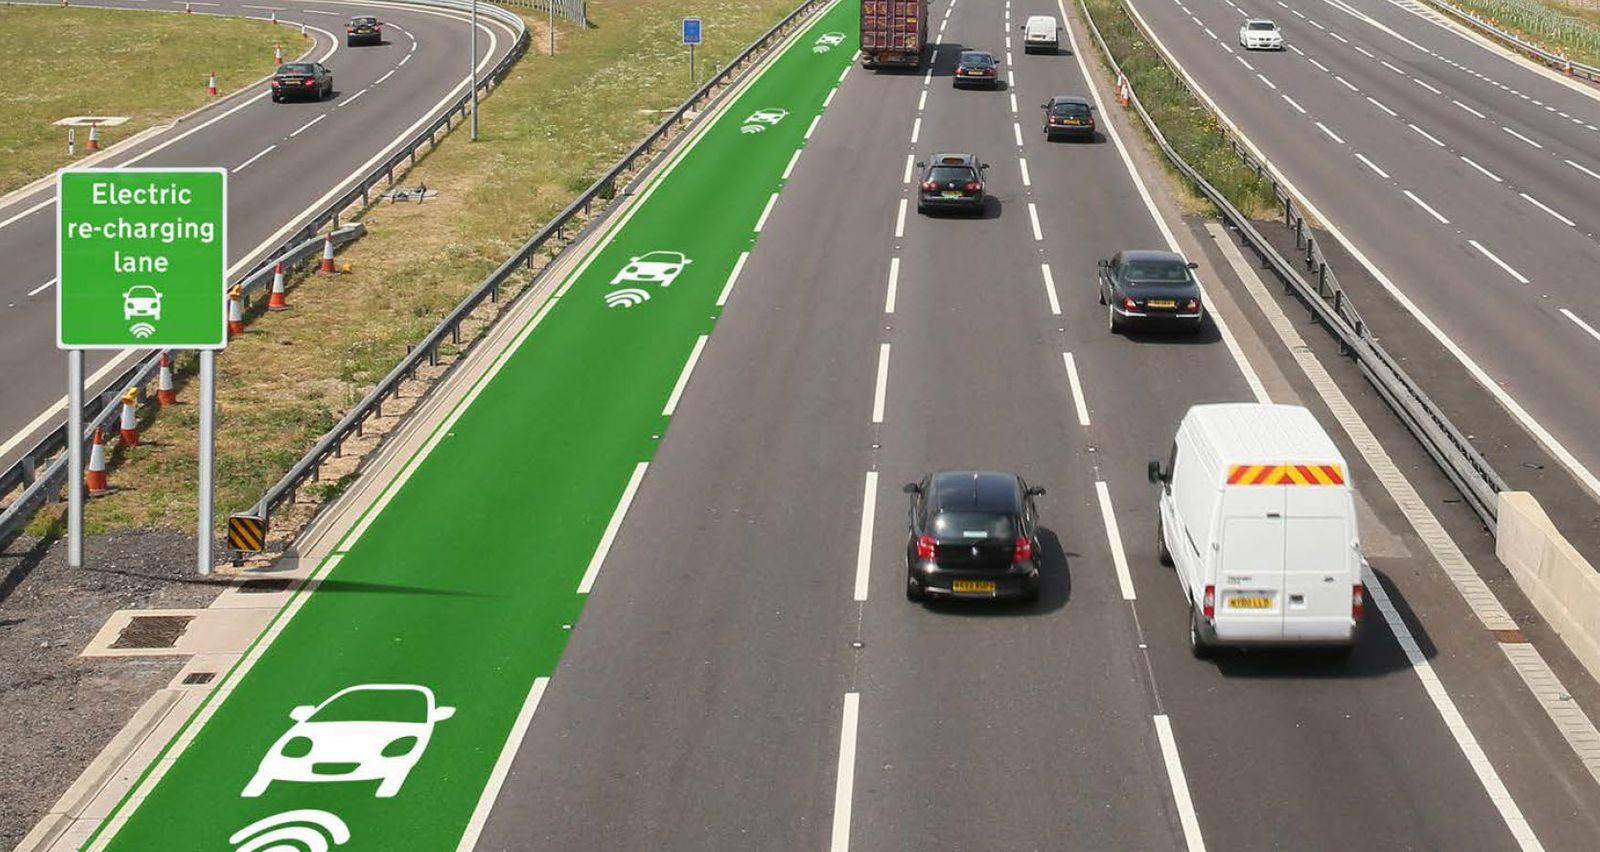 Electric recharging lane